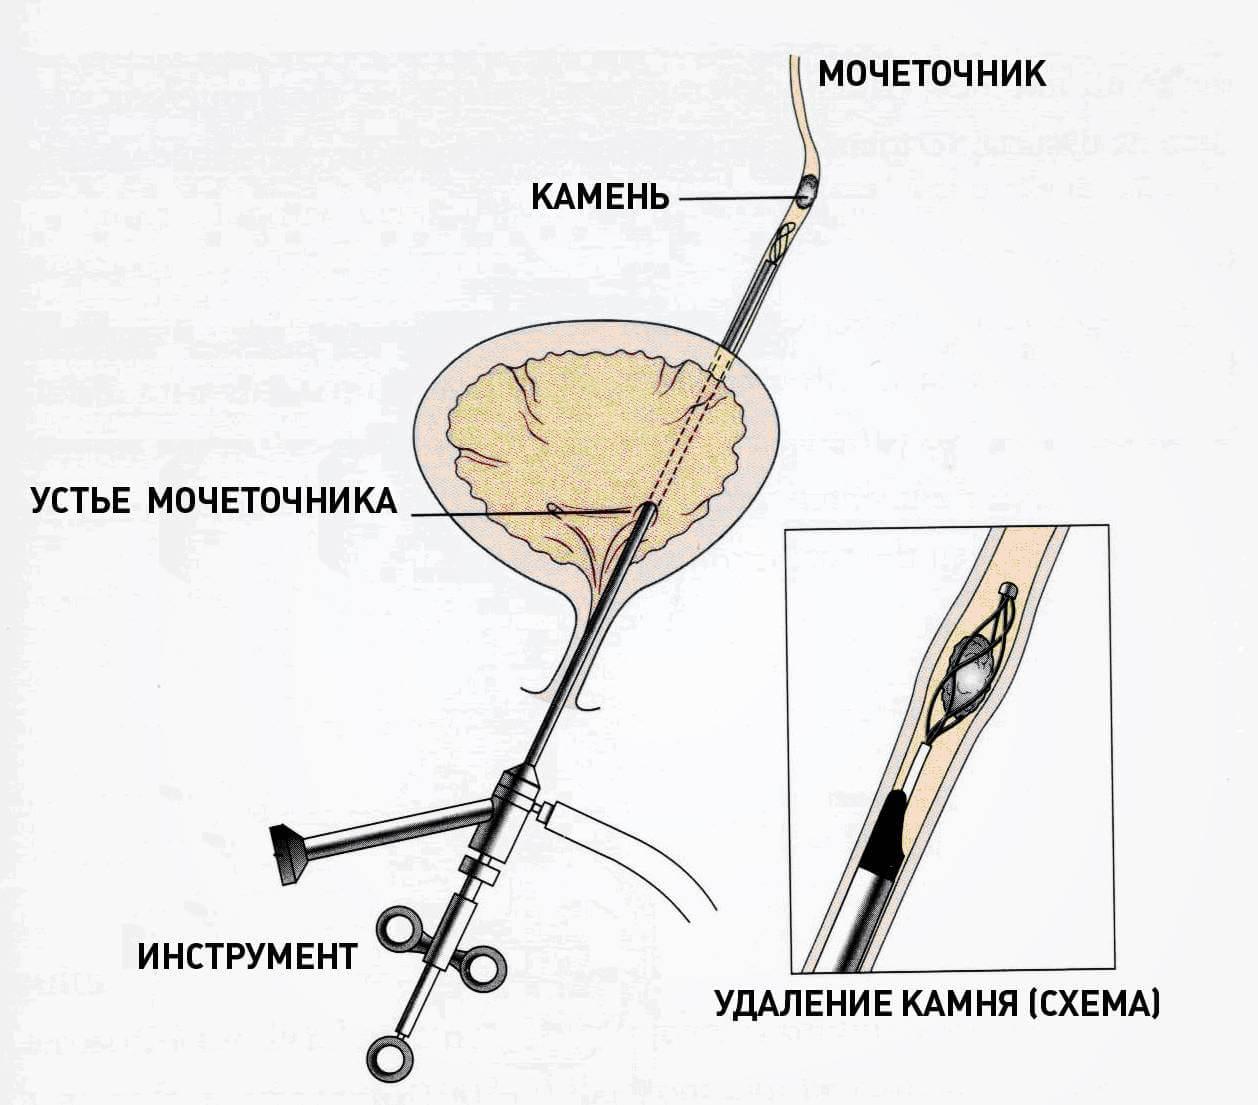 Введение уретроскопа через мочеиспускательный канал